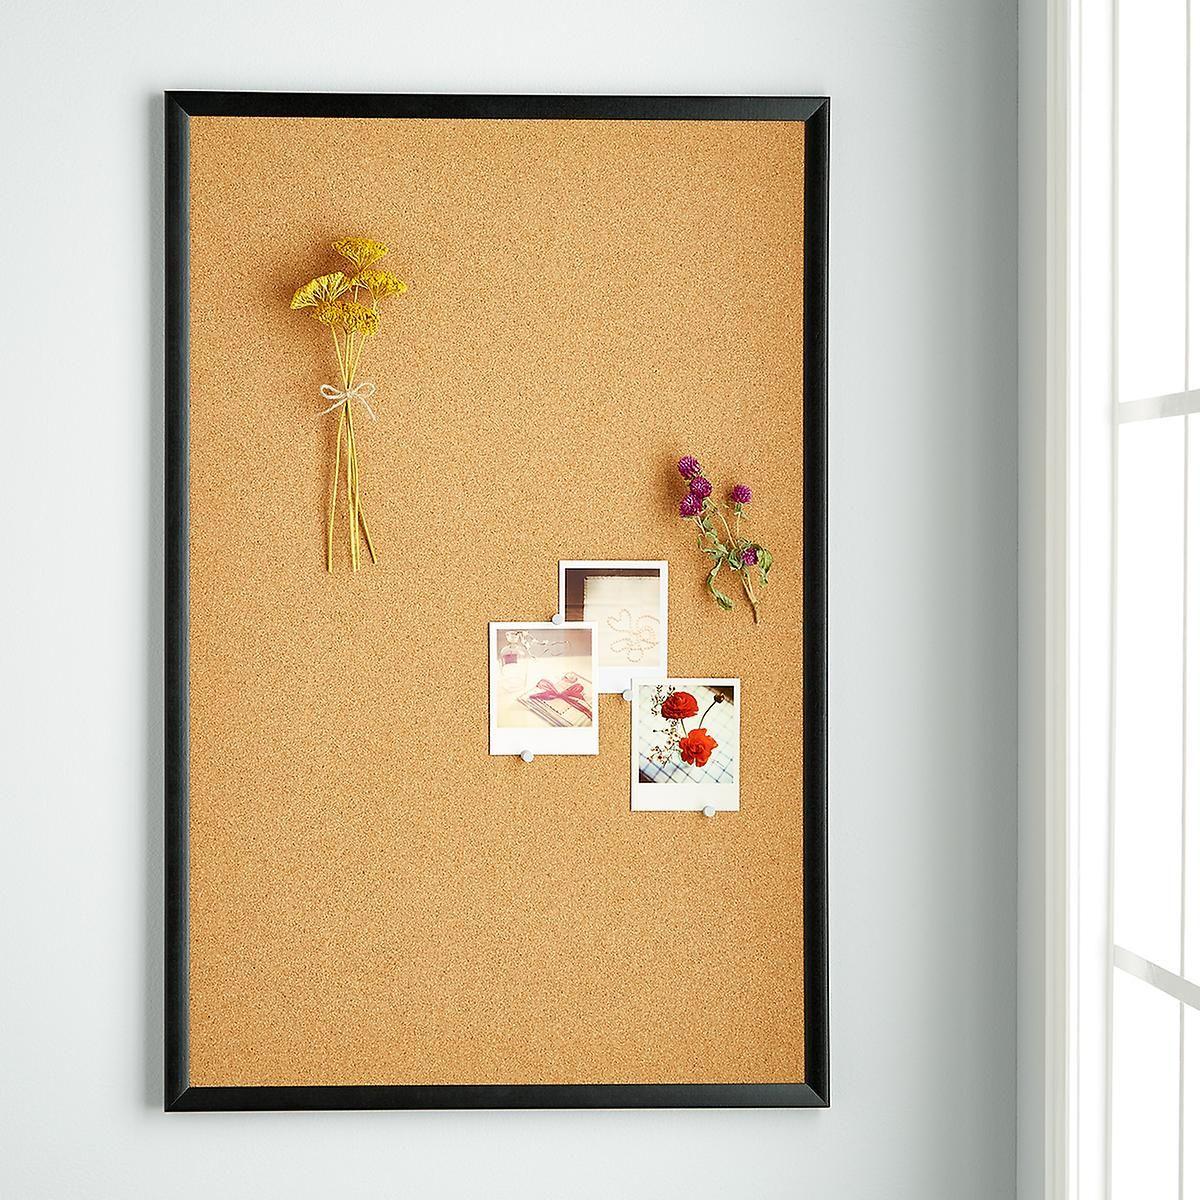 U-Brands Natural Cork Bulletin Boards With Black Frames